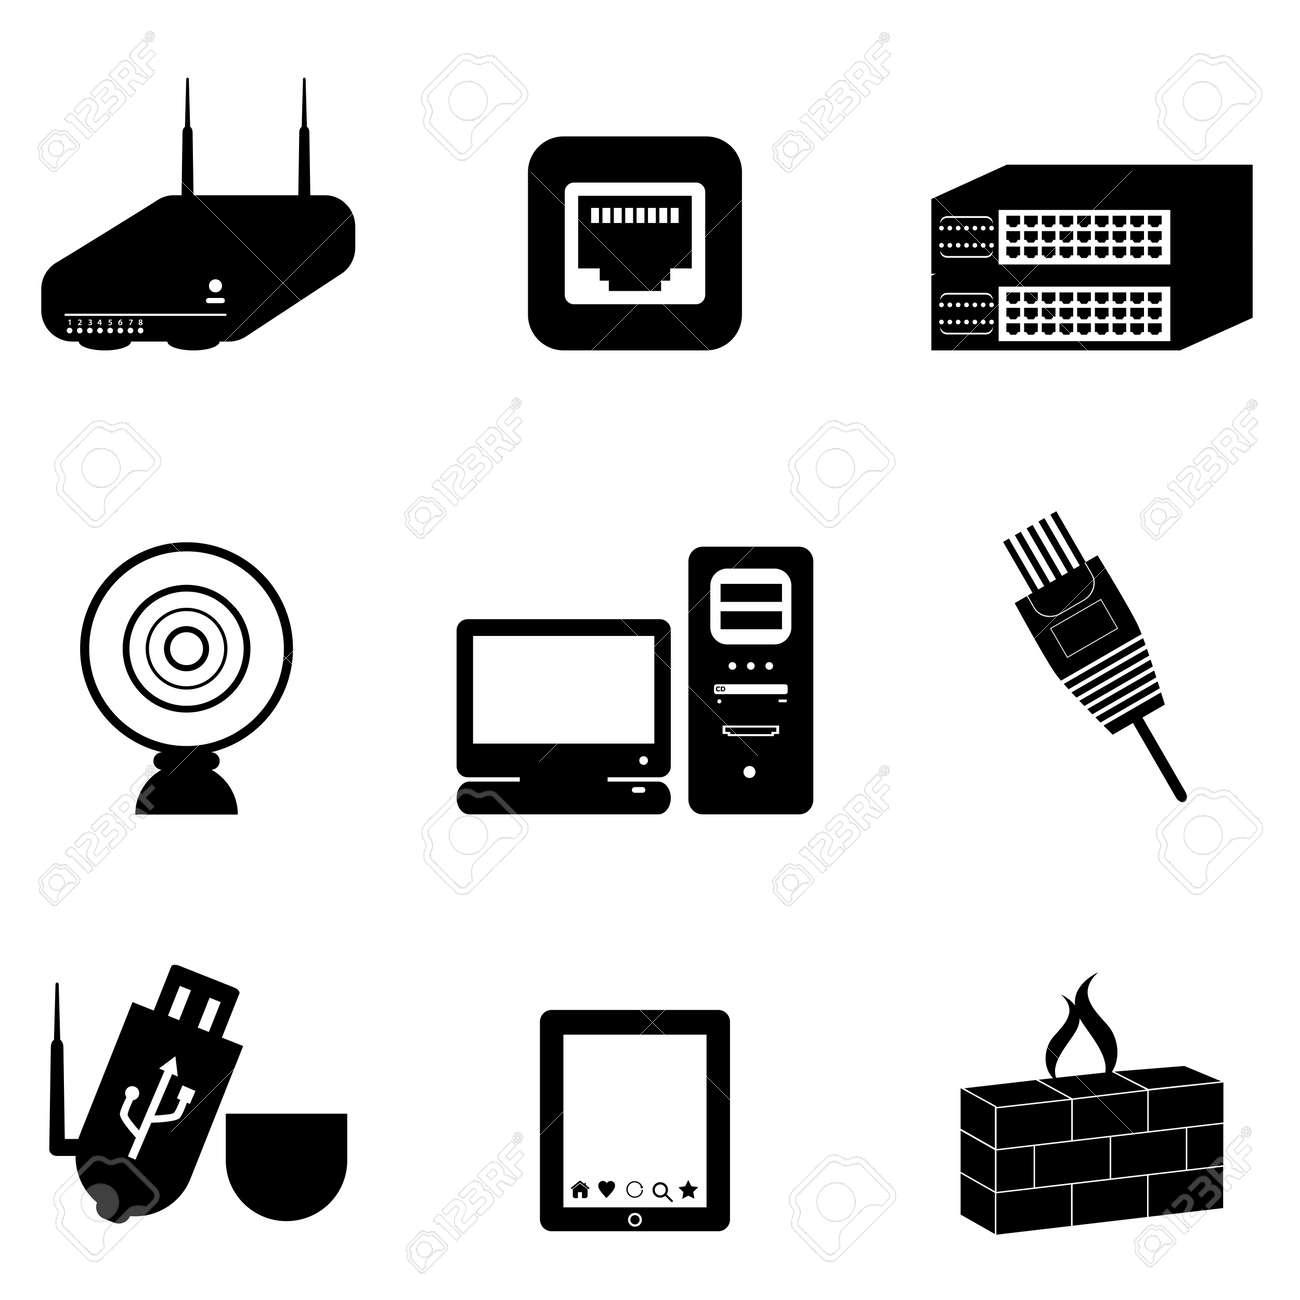 コンピューター、ネットワーク機器と部品 ロイヤリティフリークリップ